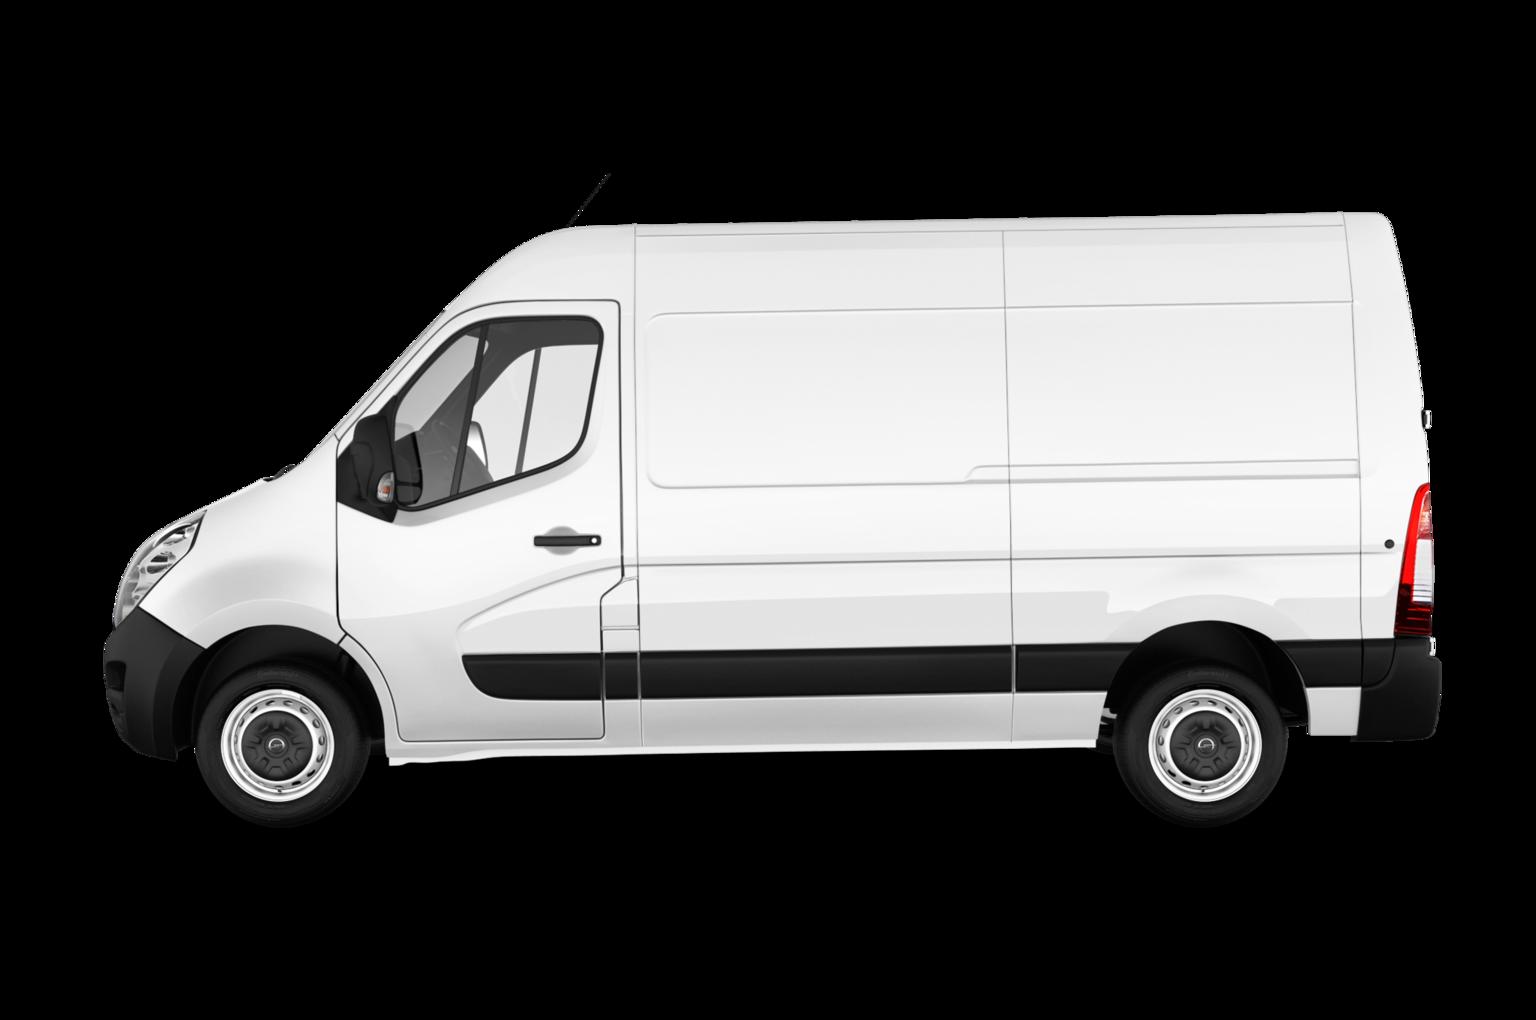 movano gebrauchtwagen neuwagen kaufen verkaufen. Black Bedroom Furniture Sets. Home Design Ideas